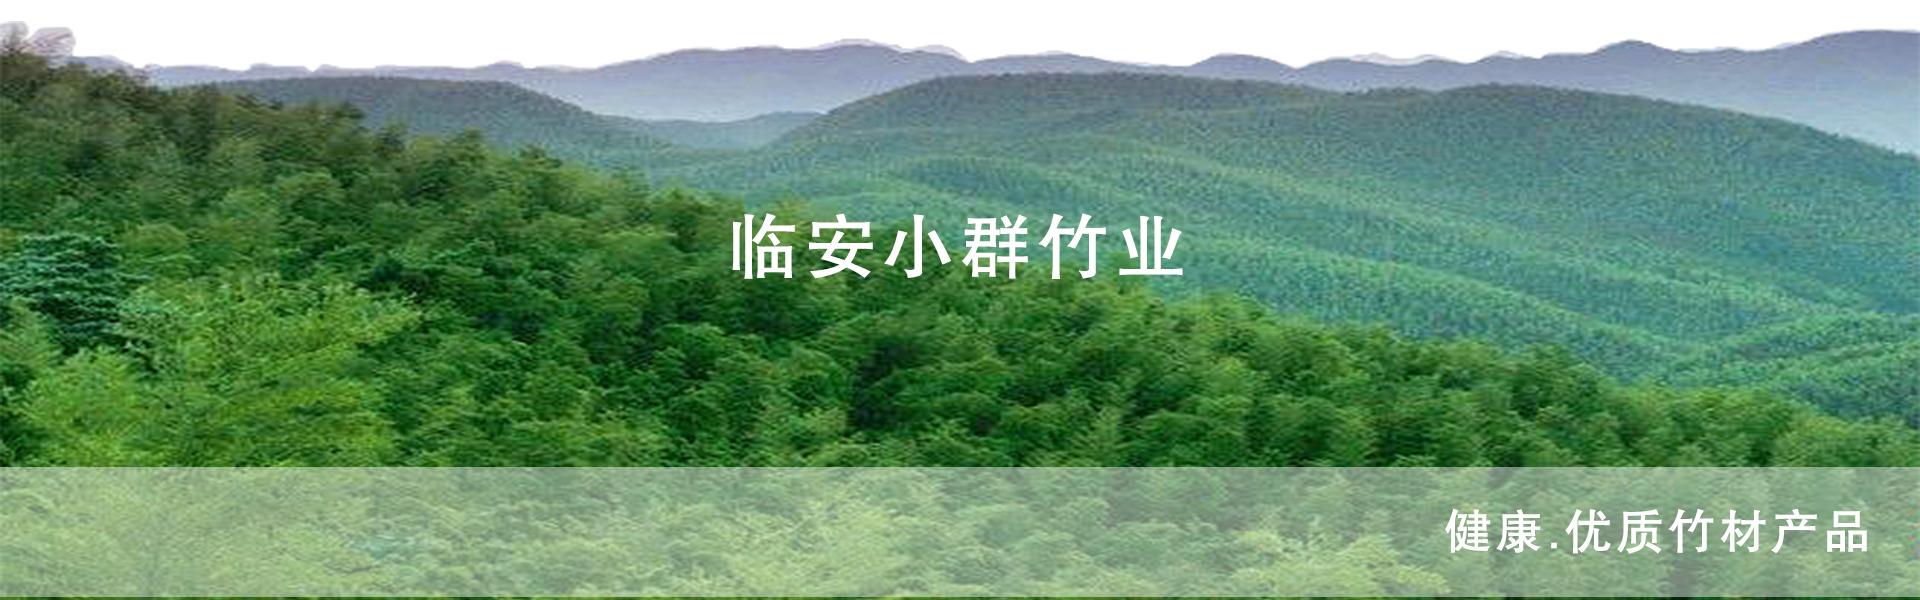 杭州竹制成品